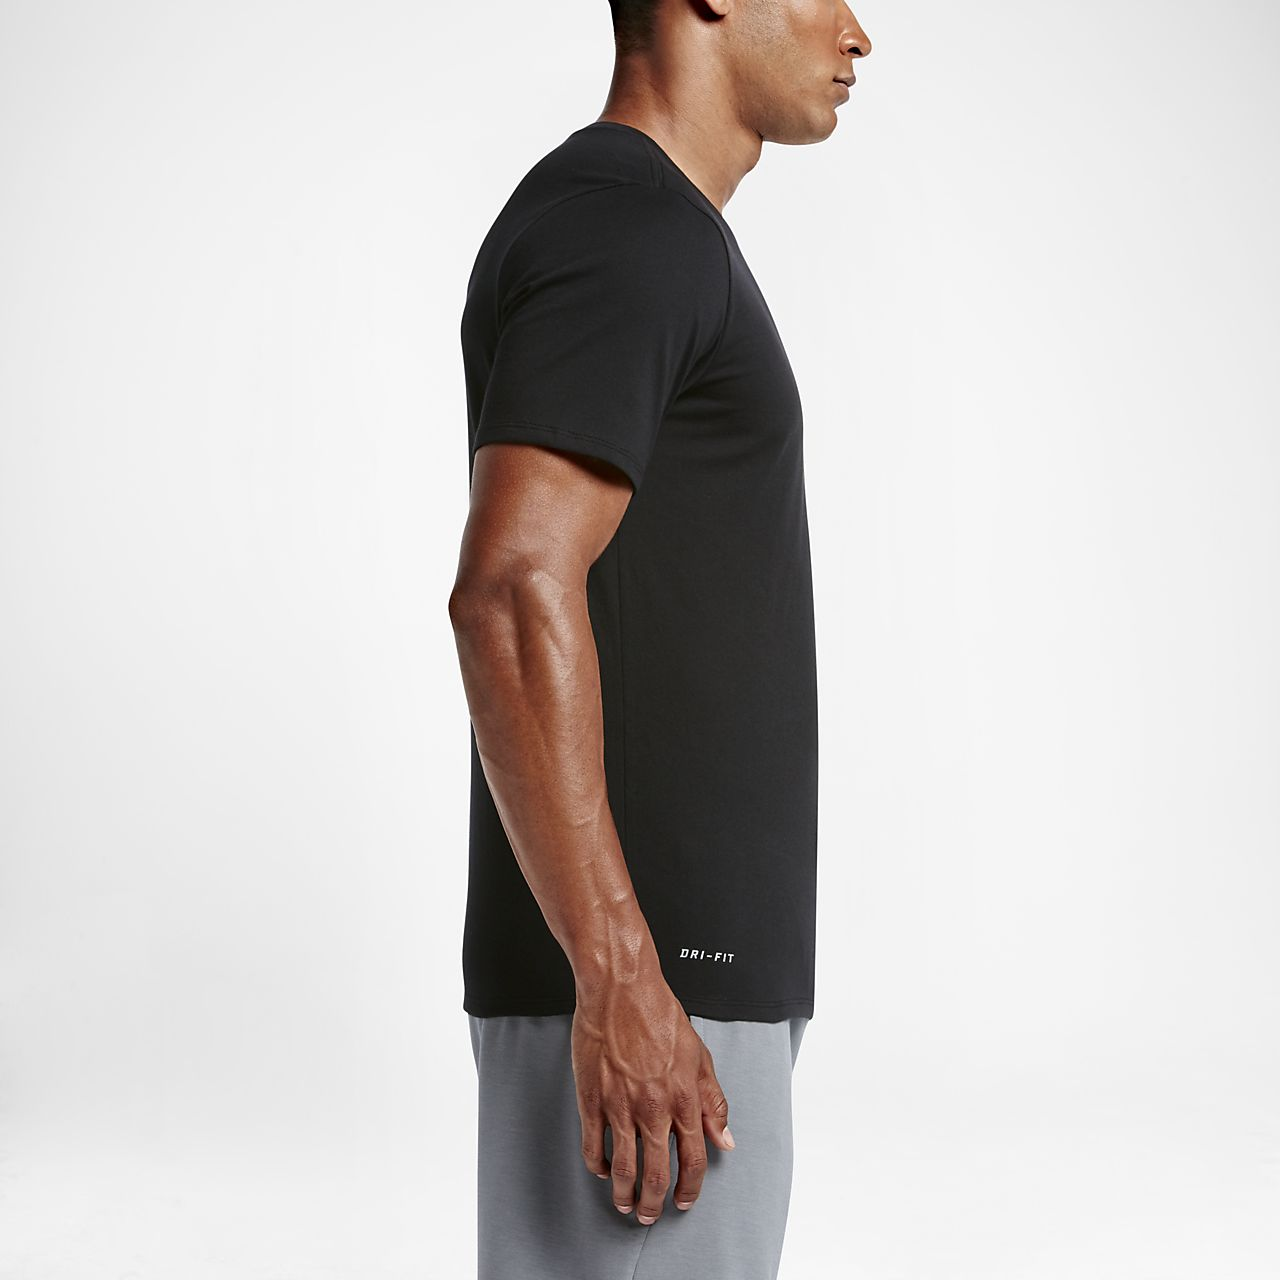 Tee shirt de training à manches courtes Nike Dri FIT pour